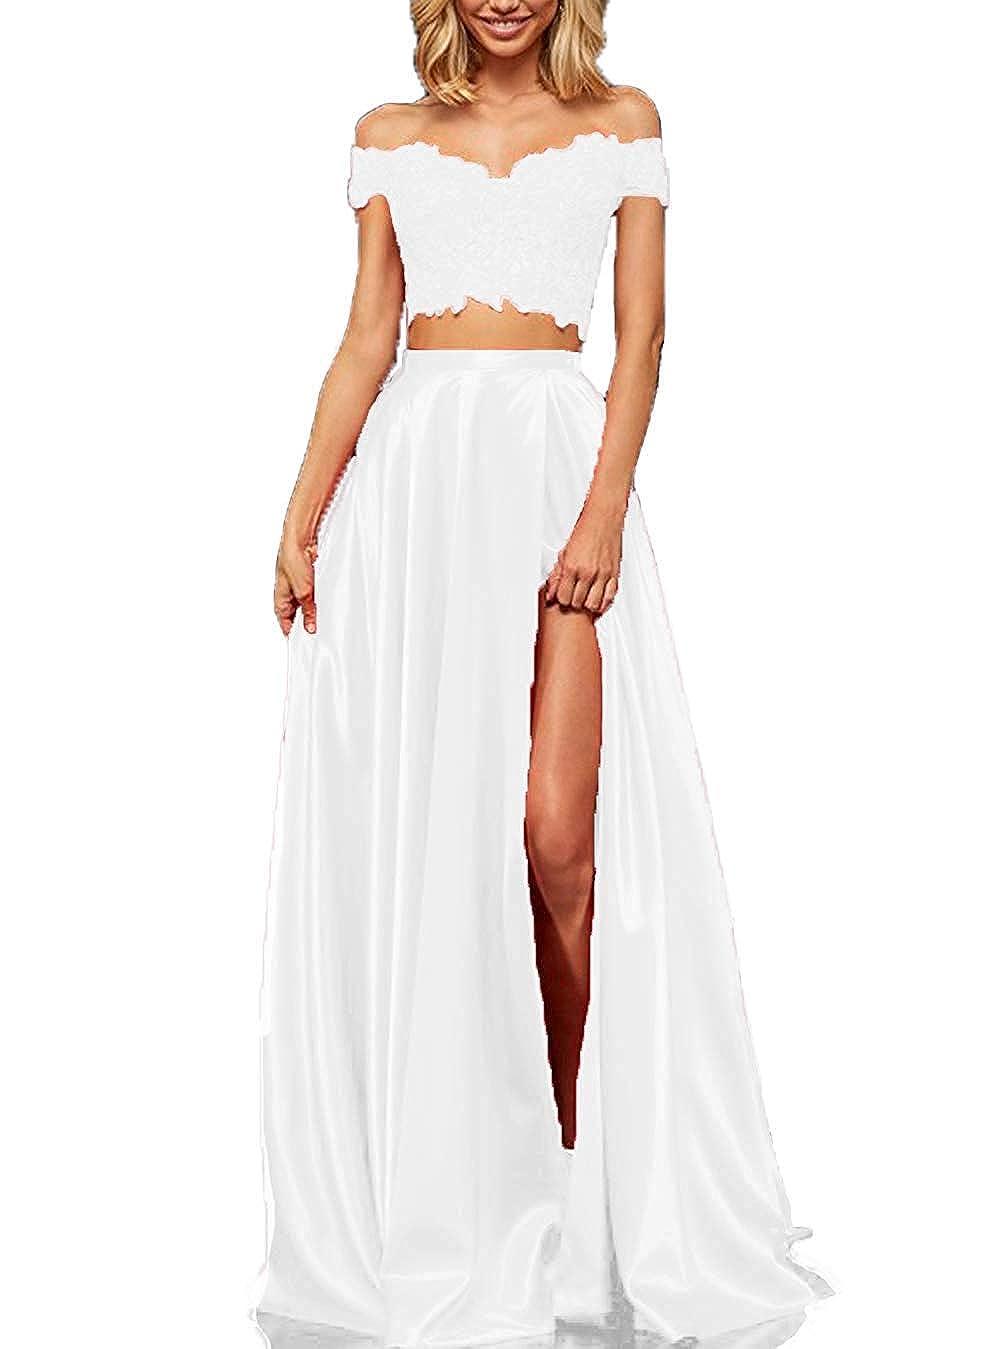 Ivory tutu.vivi Women's 2 Pieces Long Lace Satin Prom Dresses Off The Shoulder Party Evening Gown